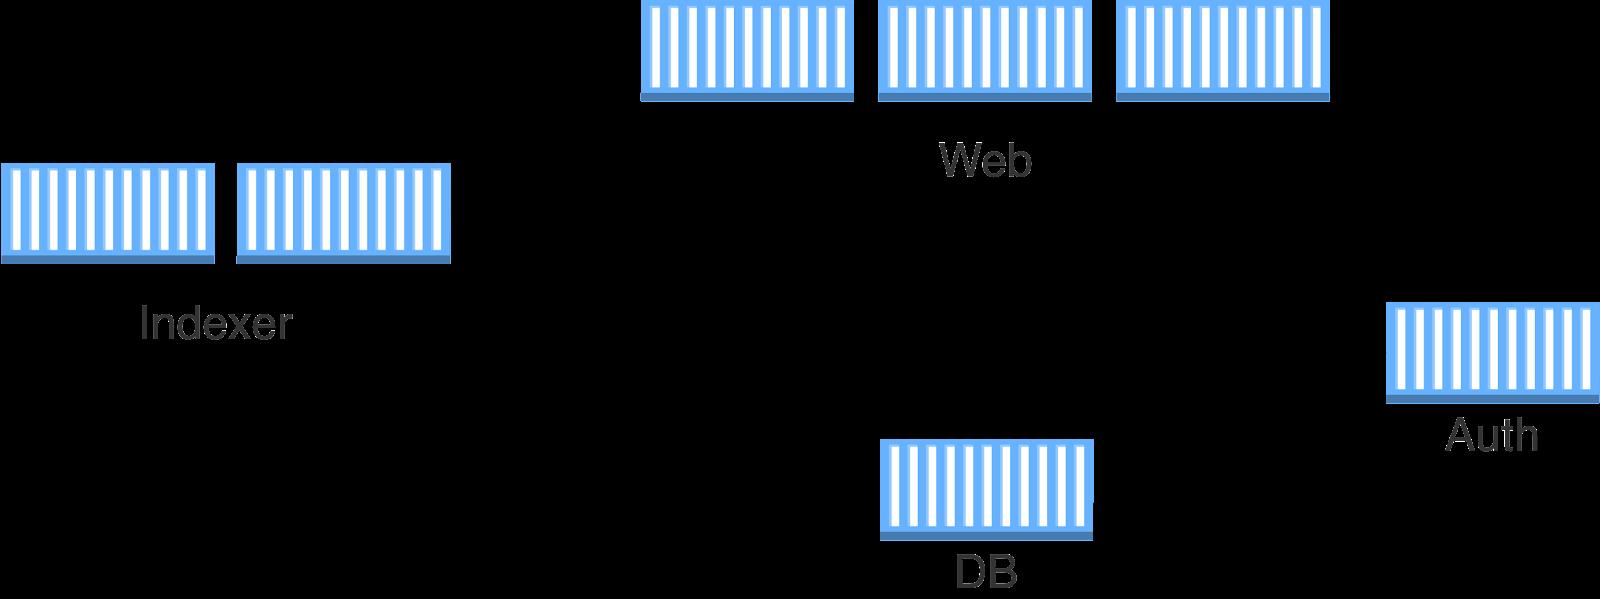 Aplicação cloud-native composta por contêineres